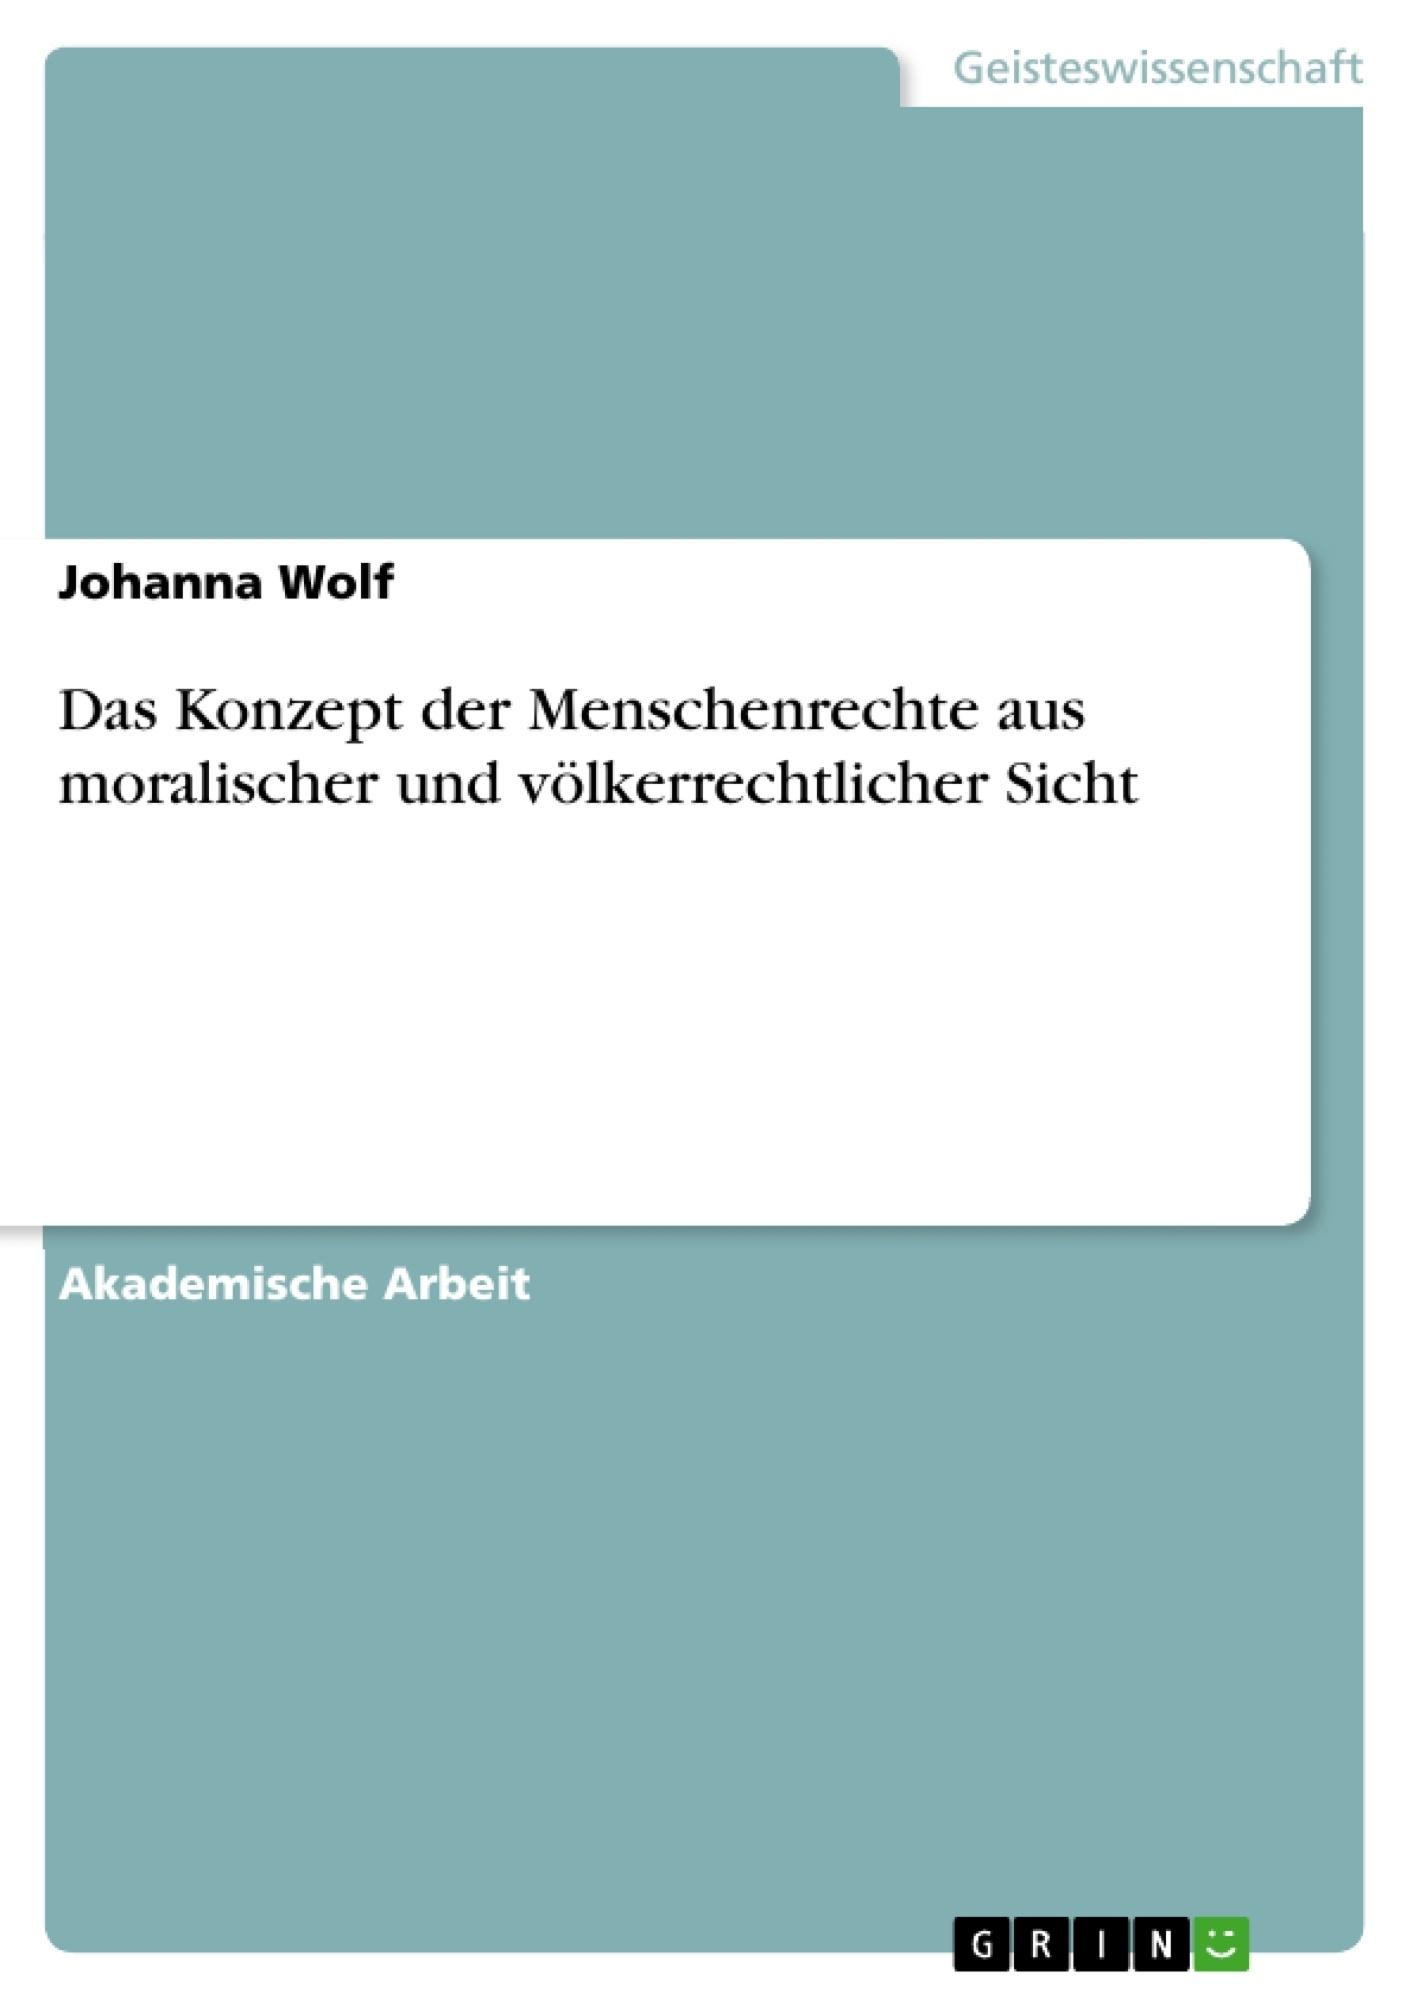 Titel: Das Konzept der Menschenrechte aus moralischer und völkerrechtlicher Sicht